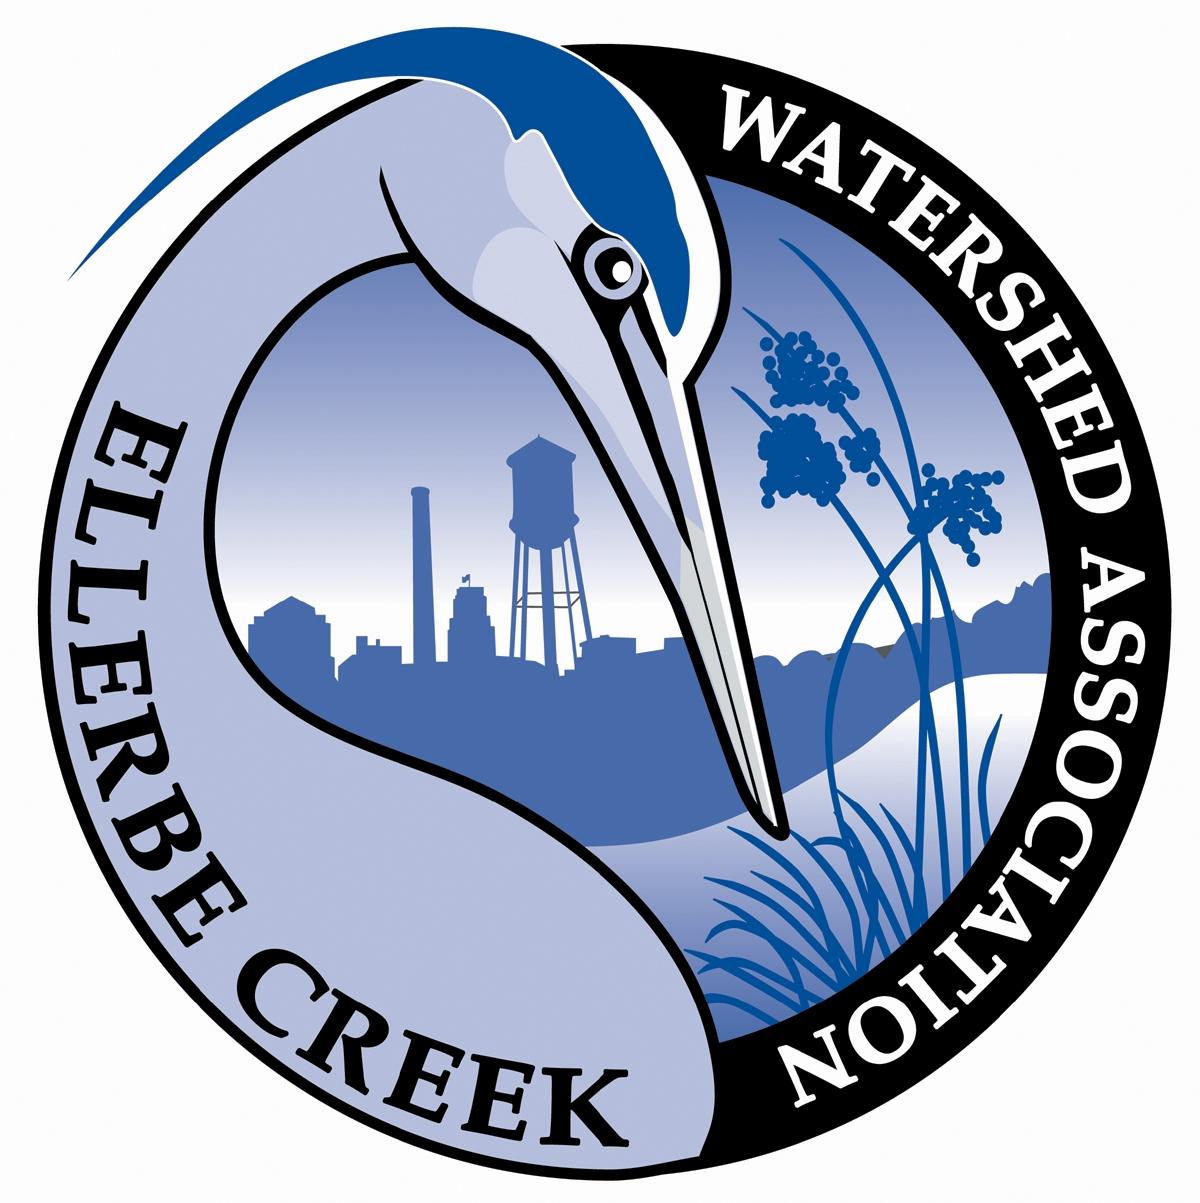 Ellerbe Creek Watershed Association